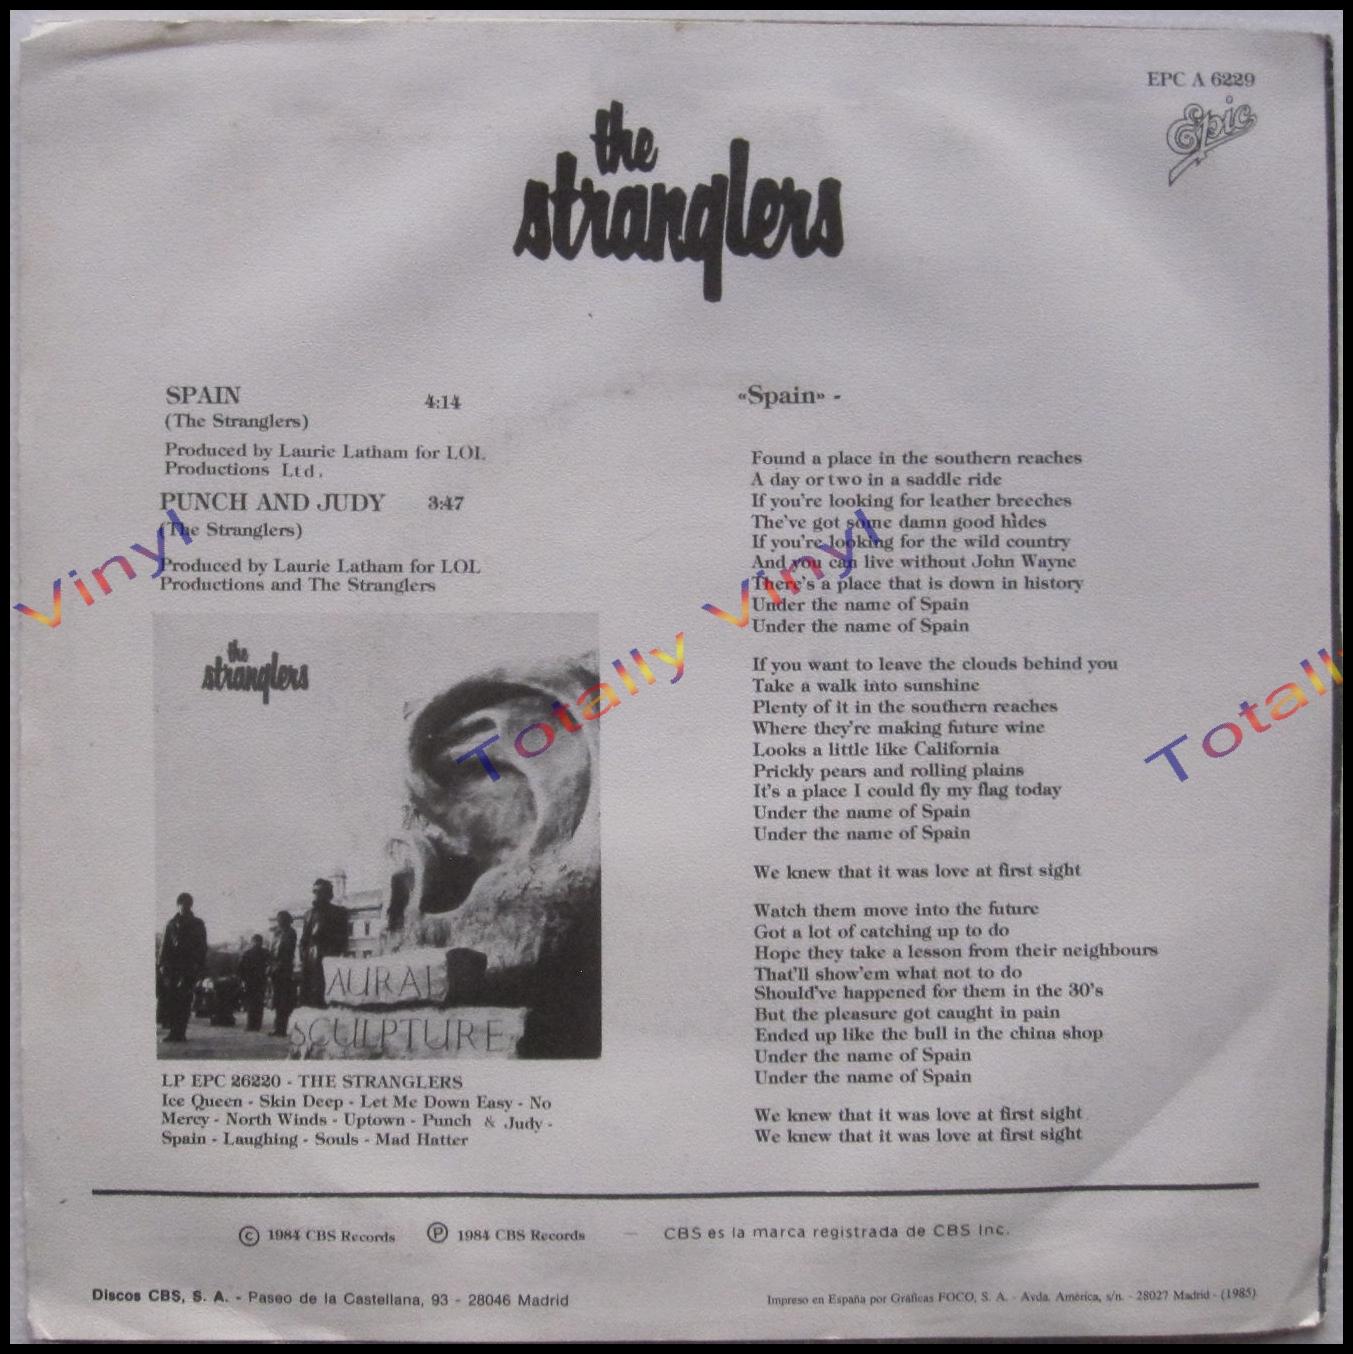 The Stranglers Spain